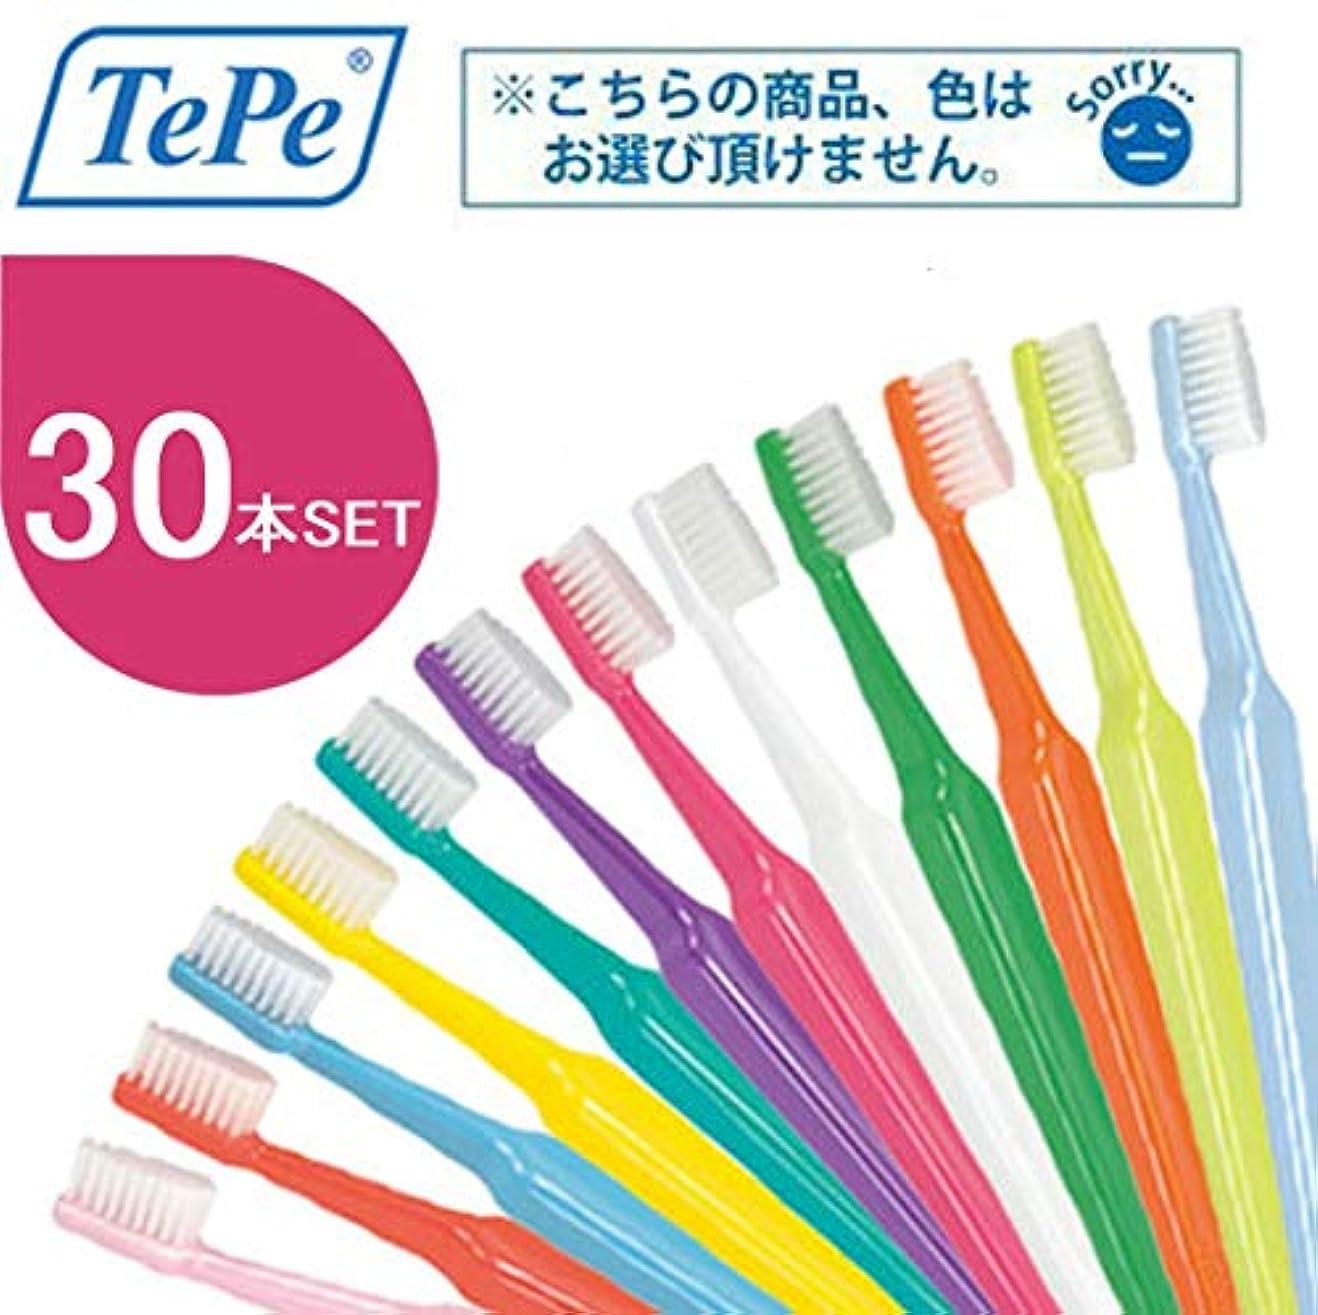 下日没サーキットに行くクロスフィールド TePe テペ セレクト 歯ブラシ 30本 (エクストラソフト)